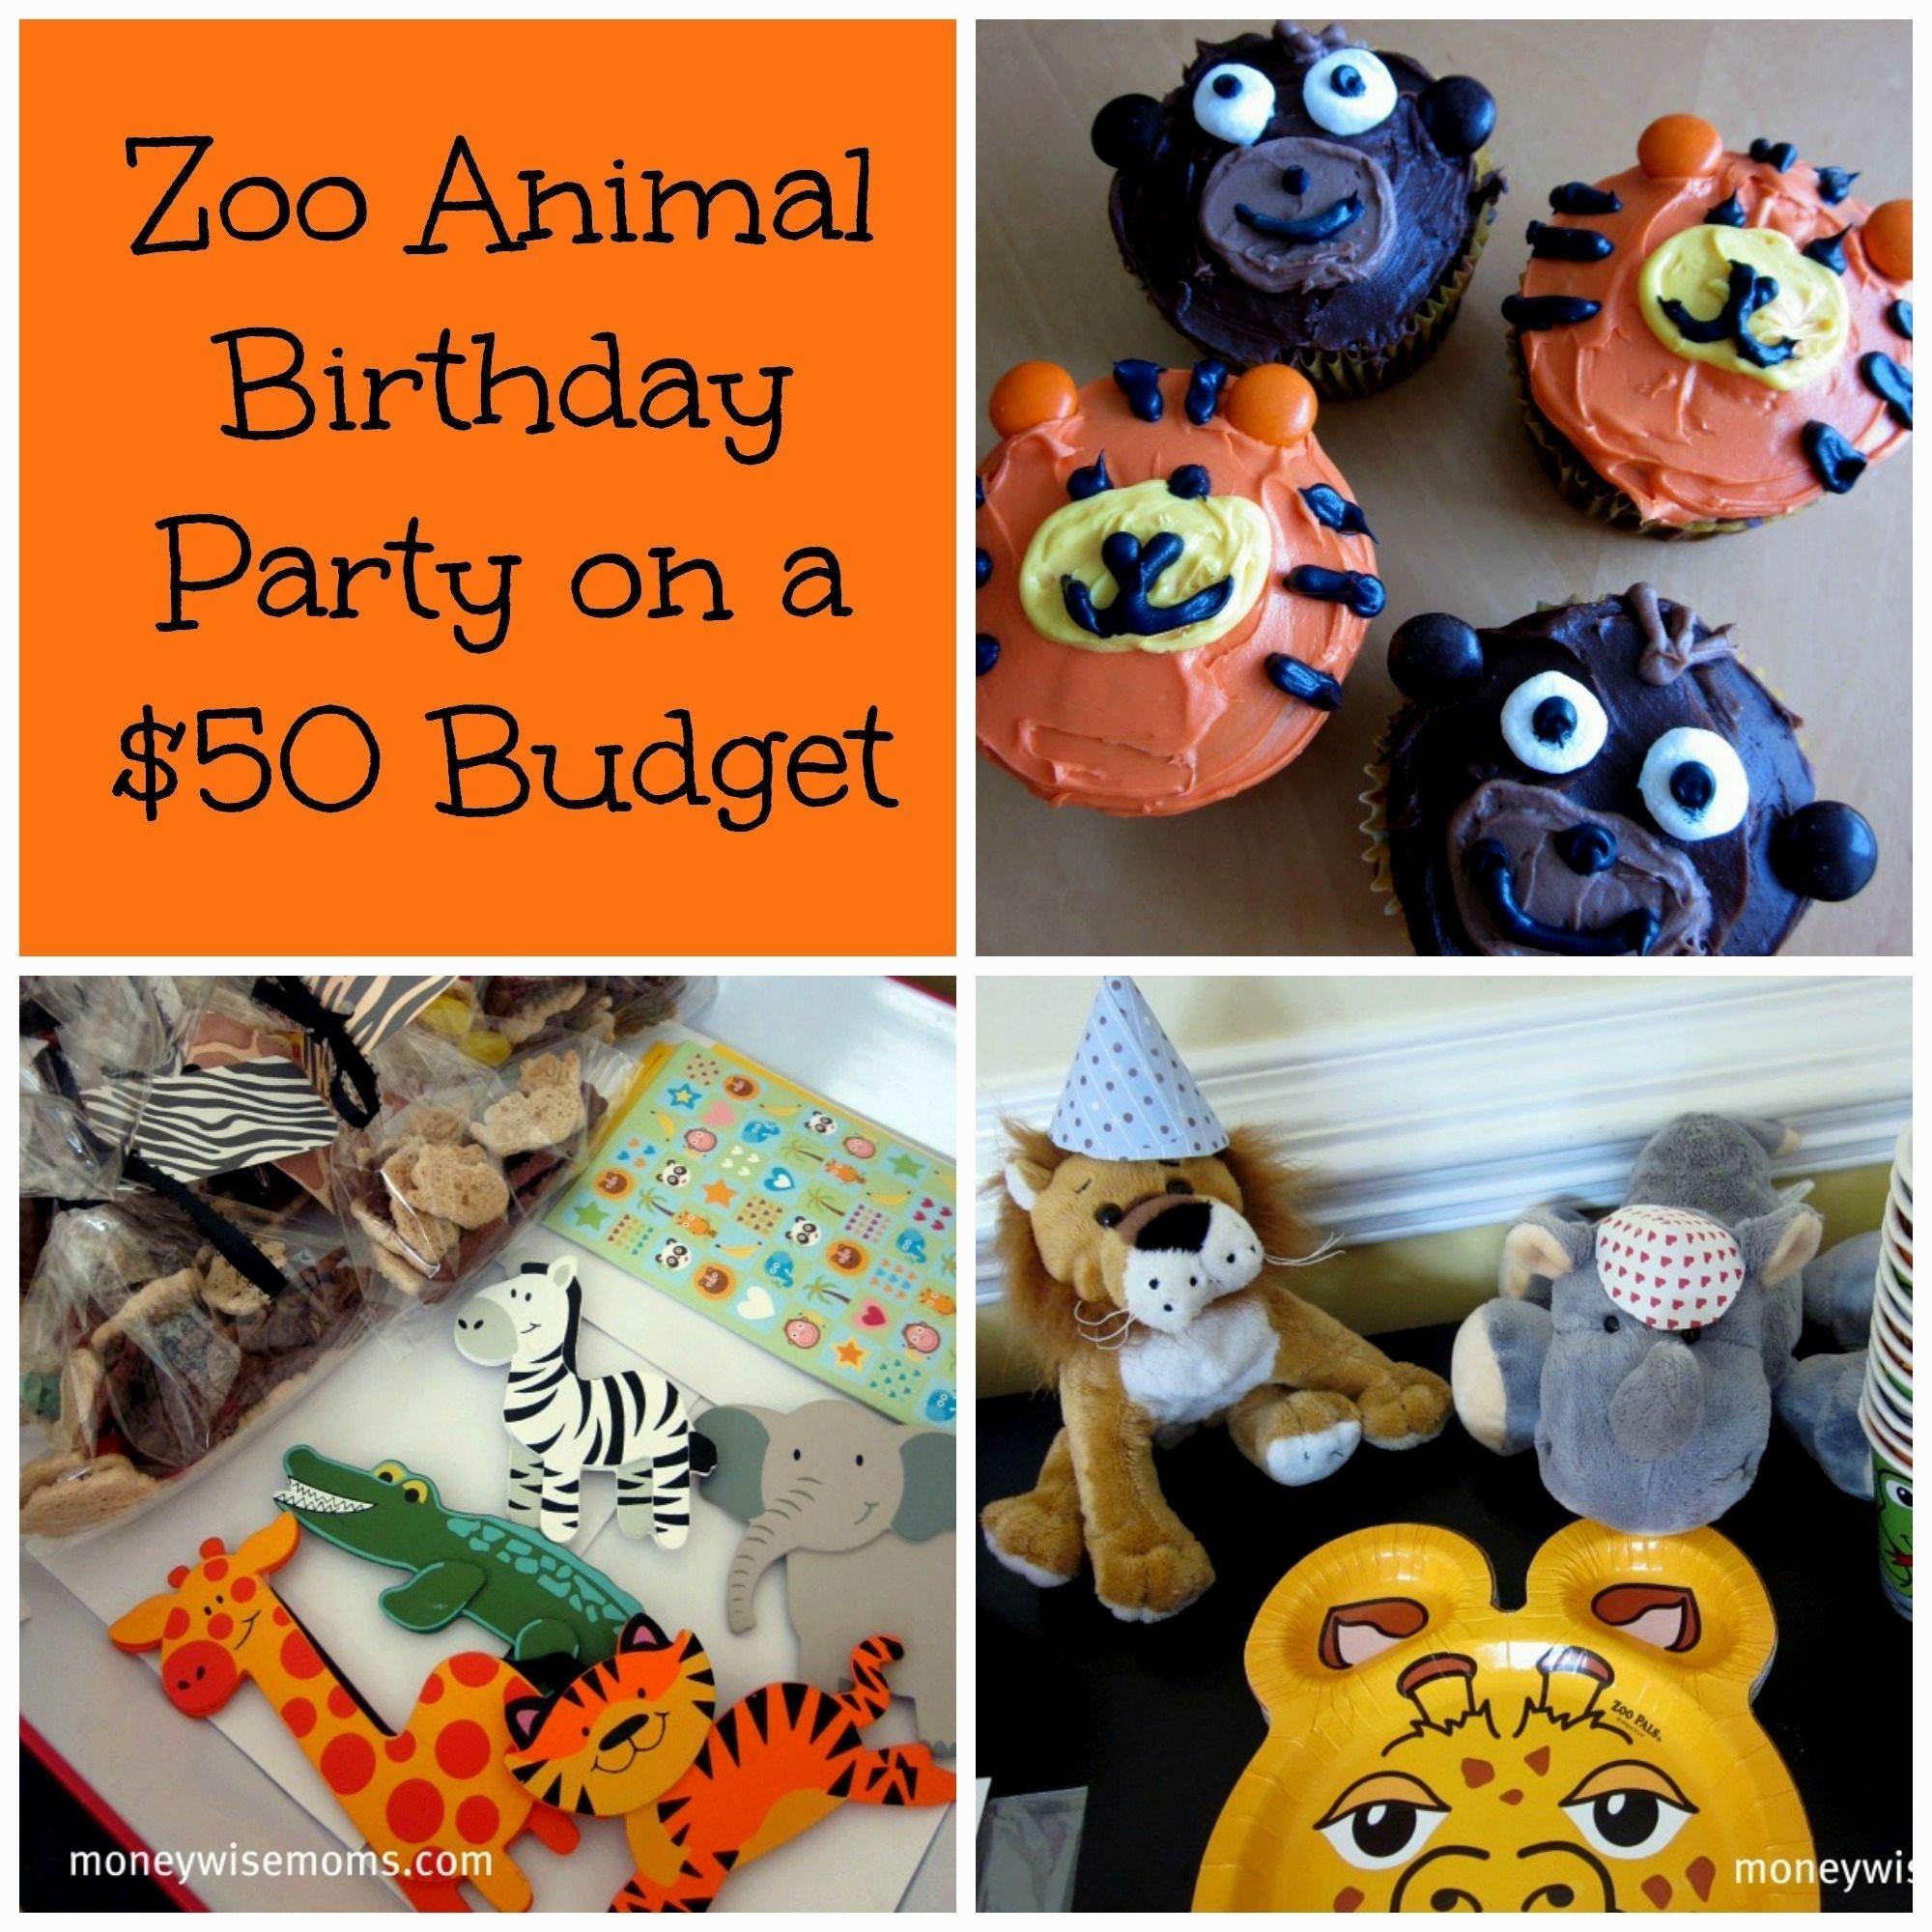 10 Spectacular Animal Themed Birthday Party Ideas animal zoo birthday party ideas decorating of party 2020